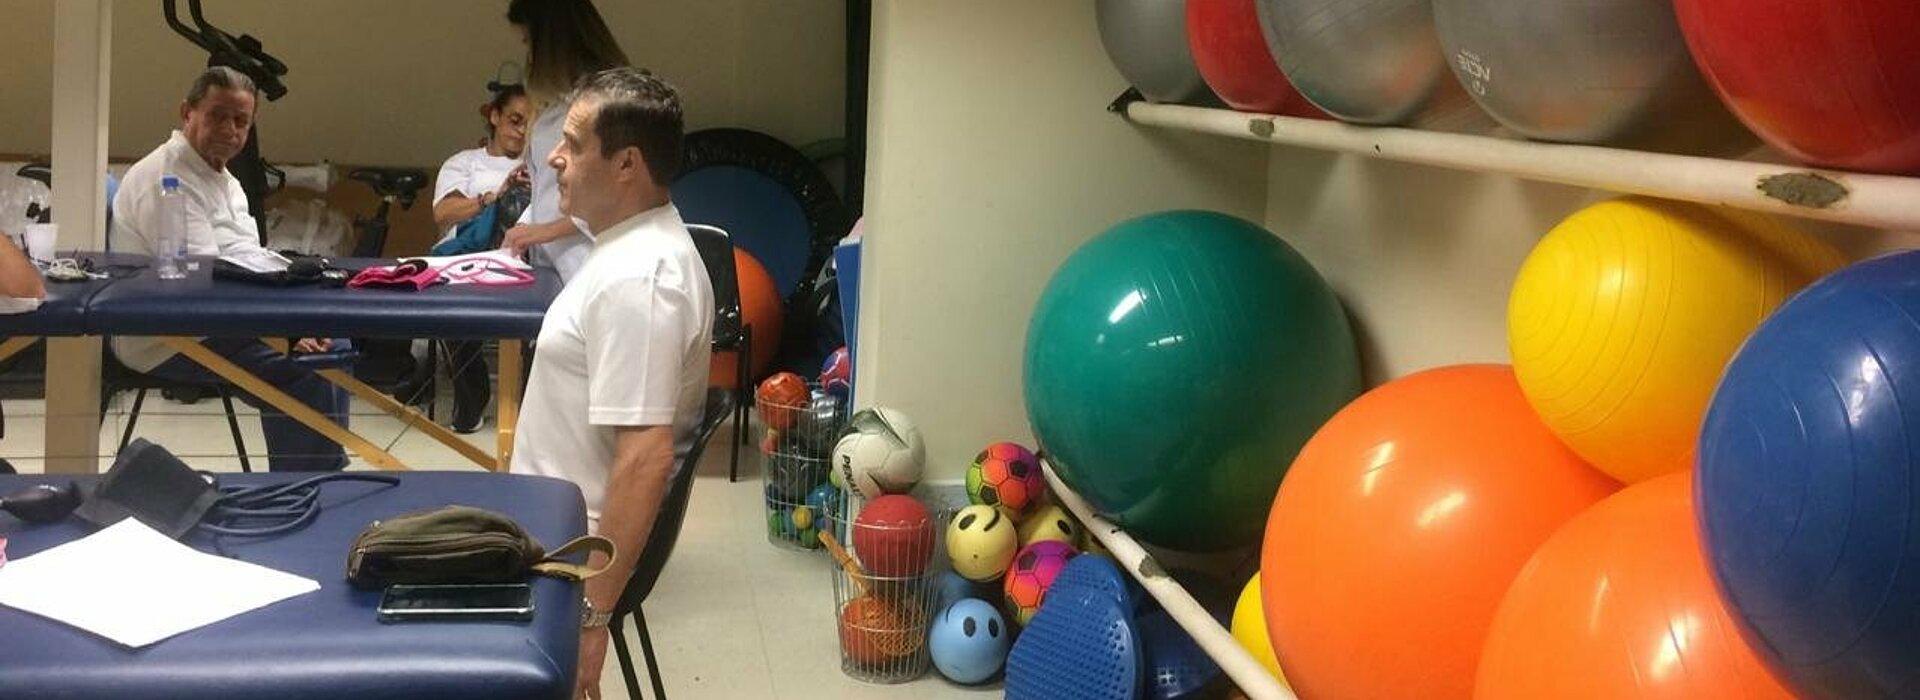 Do lado direito da imagem tem uma parede com bolas de ginástica de várias cores e do lado direito está um homem sentado fazendo exercícios ao mesmo tempo que outro homem também faz no fundo da imagem